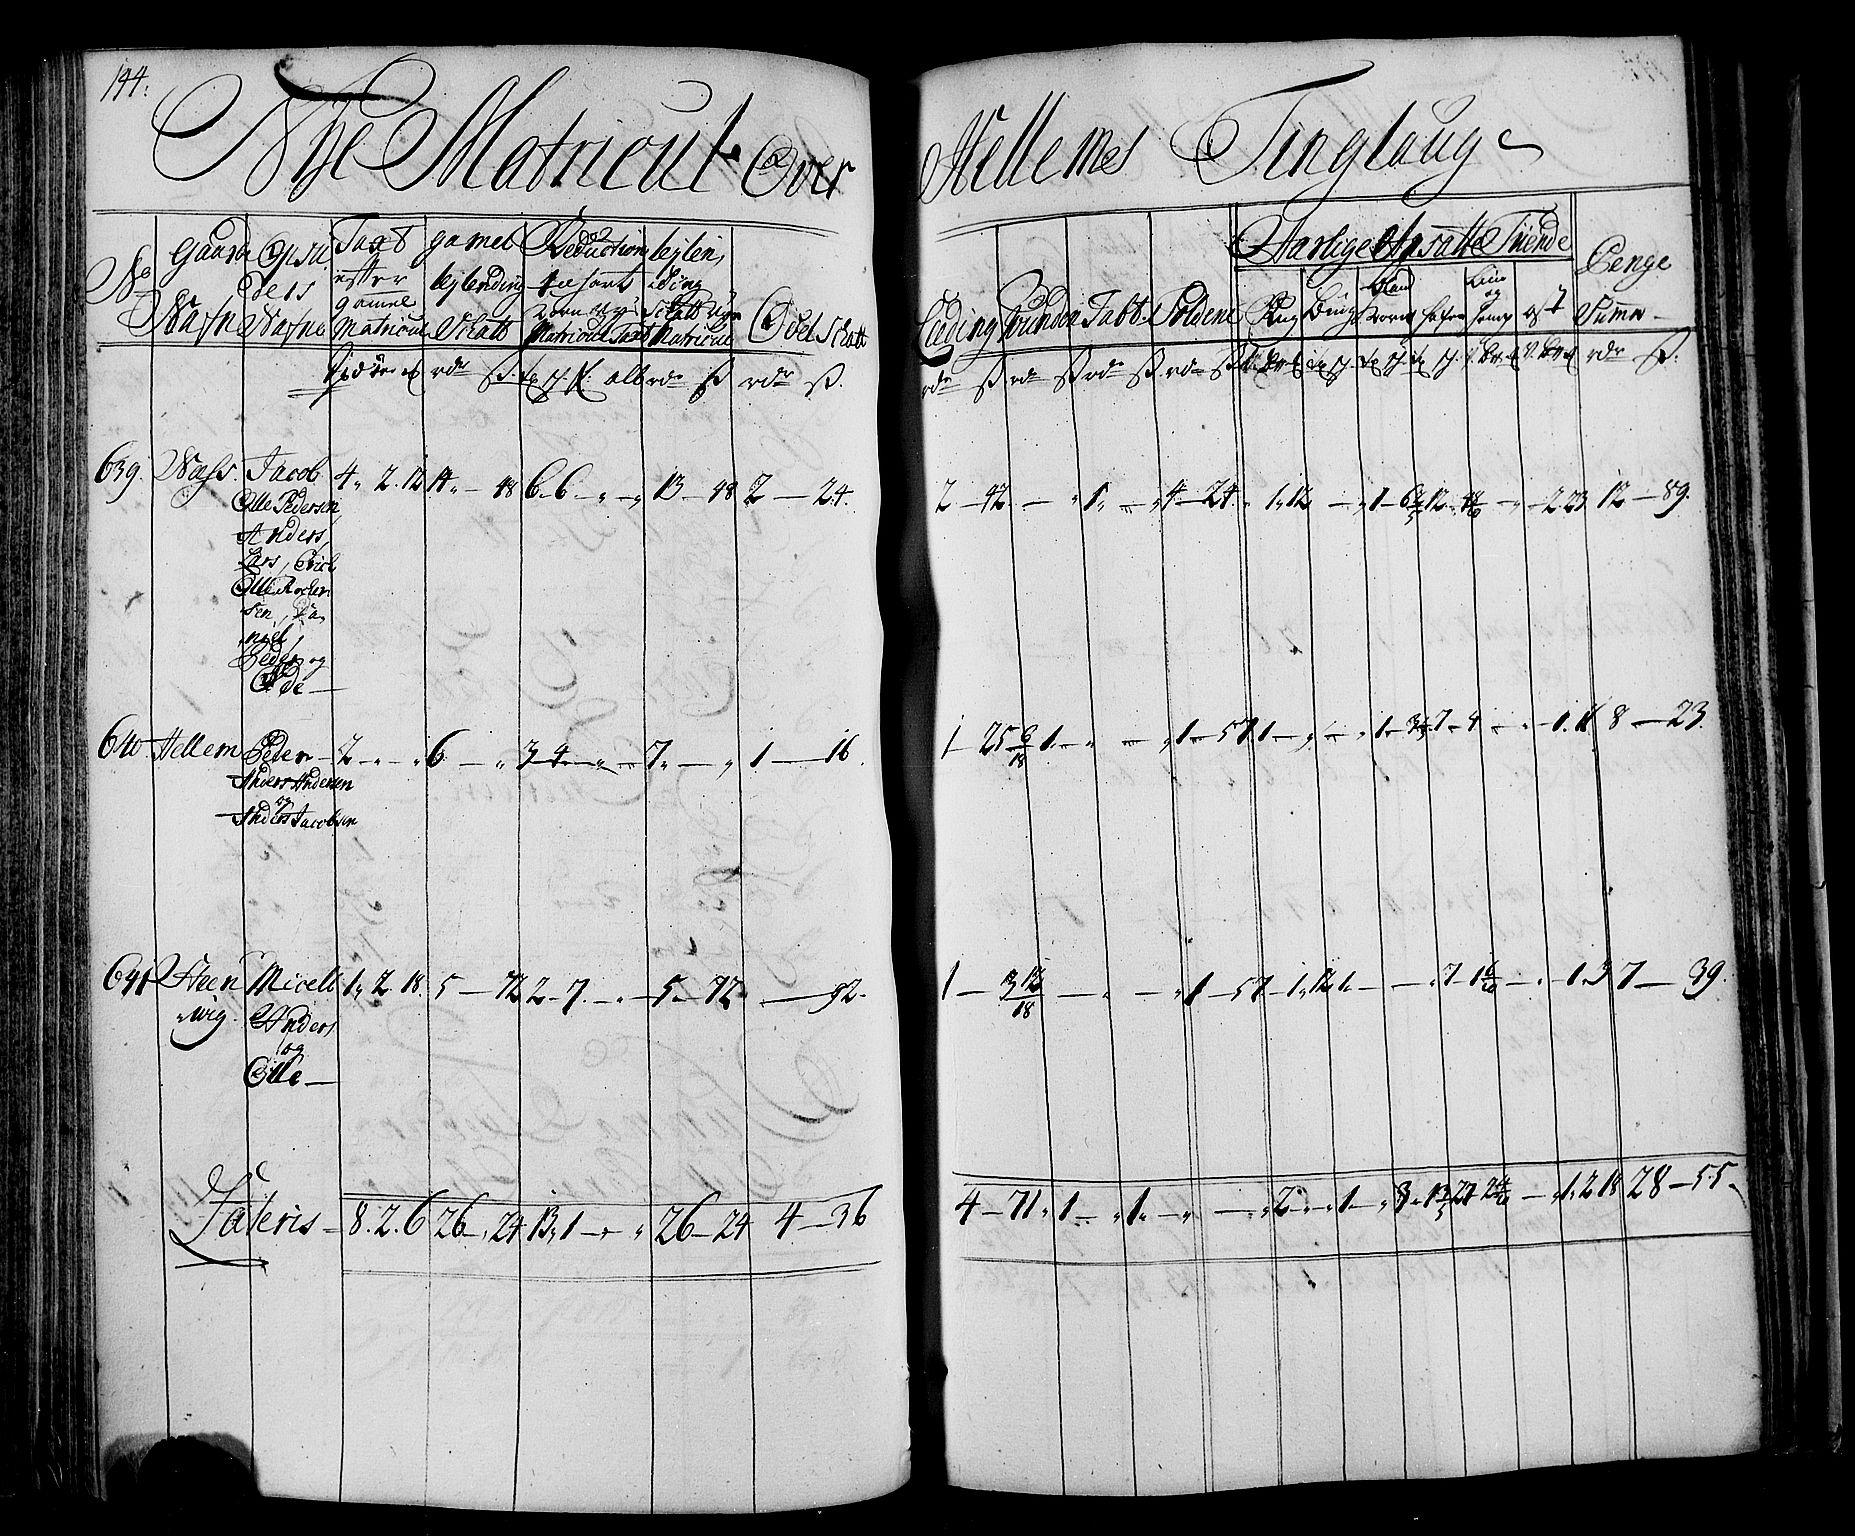 RA, Rentekammeret inntil 1814, Realistisk ordnet avdeling, N/Nb/Nbf/L0163: Fosen matrikkelprotokoll, 1723, s. 144